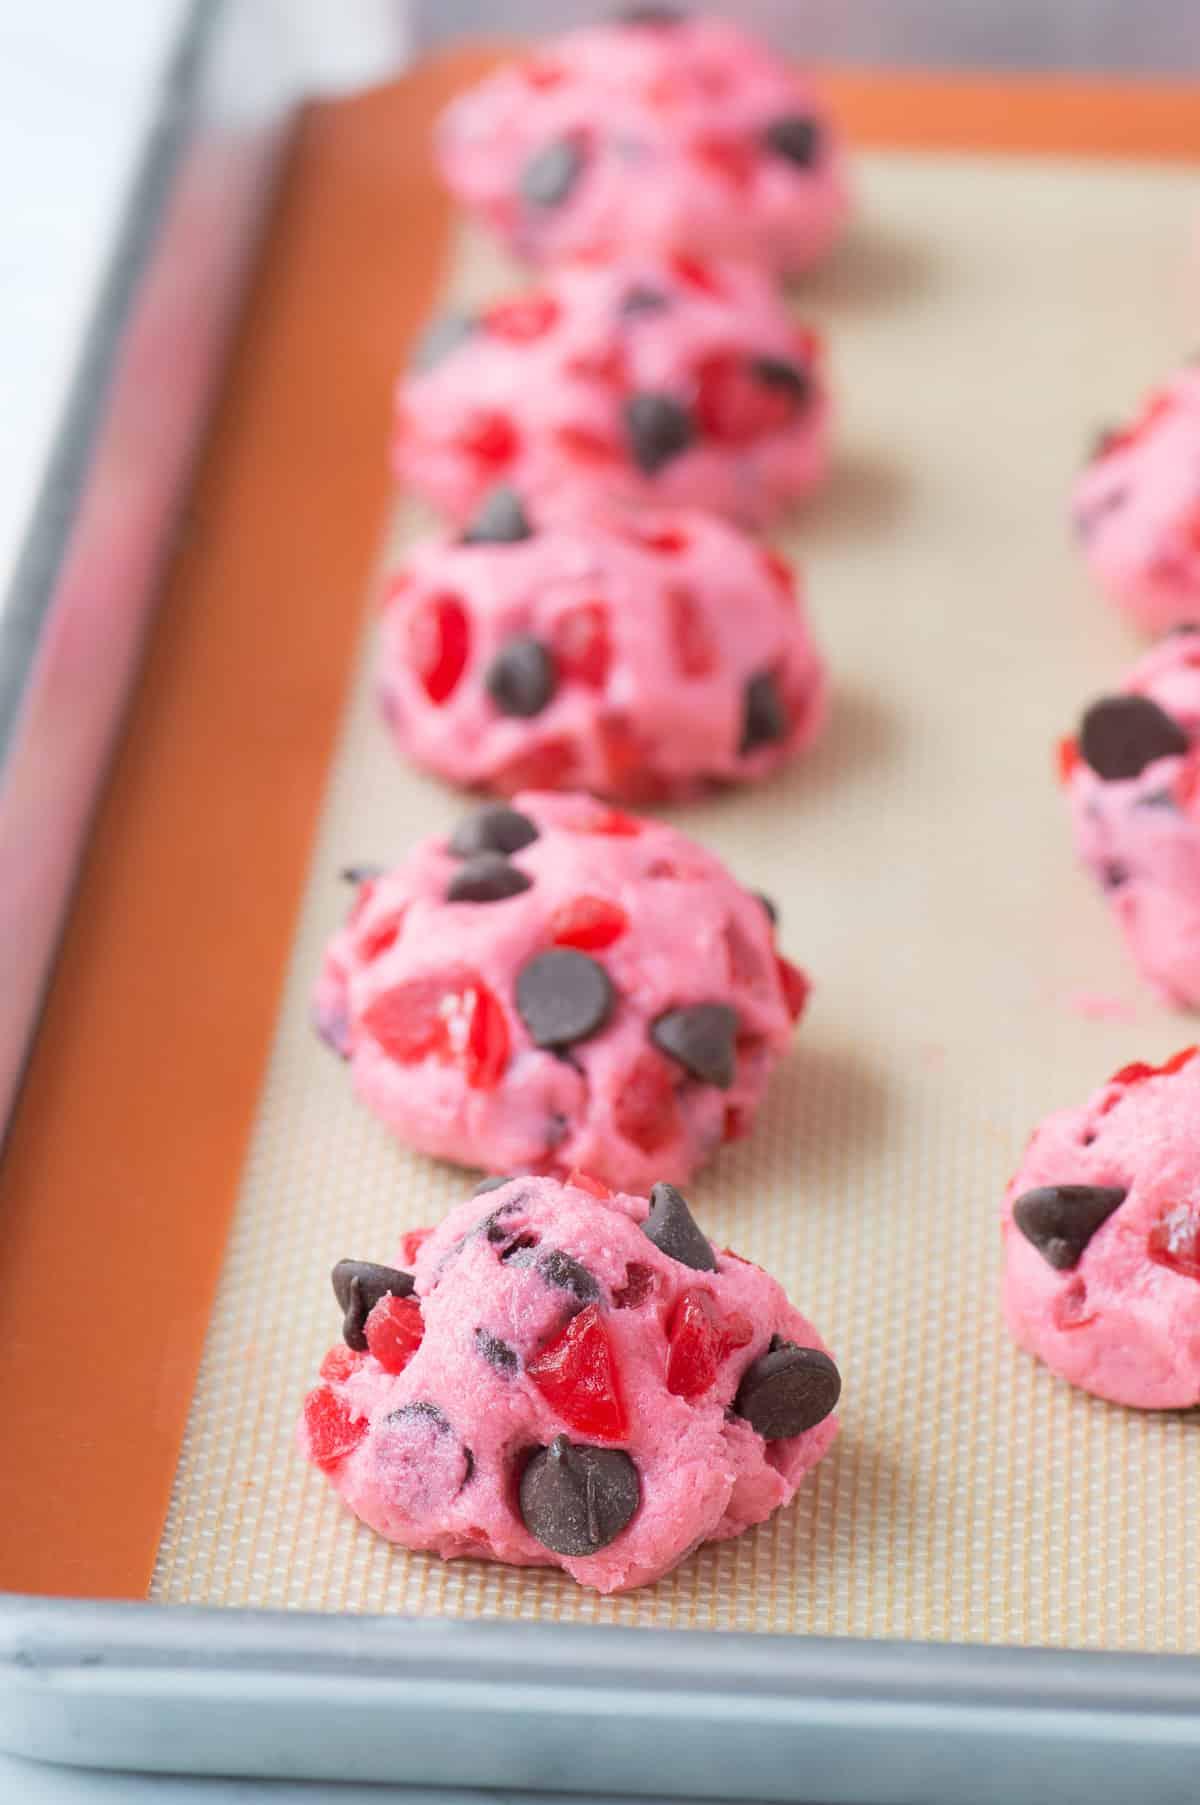 pink maraschino cherry chocolate chip cookies on baking sheet before baking